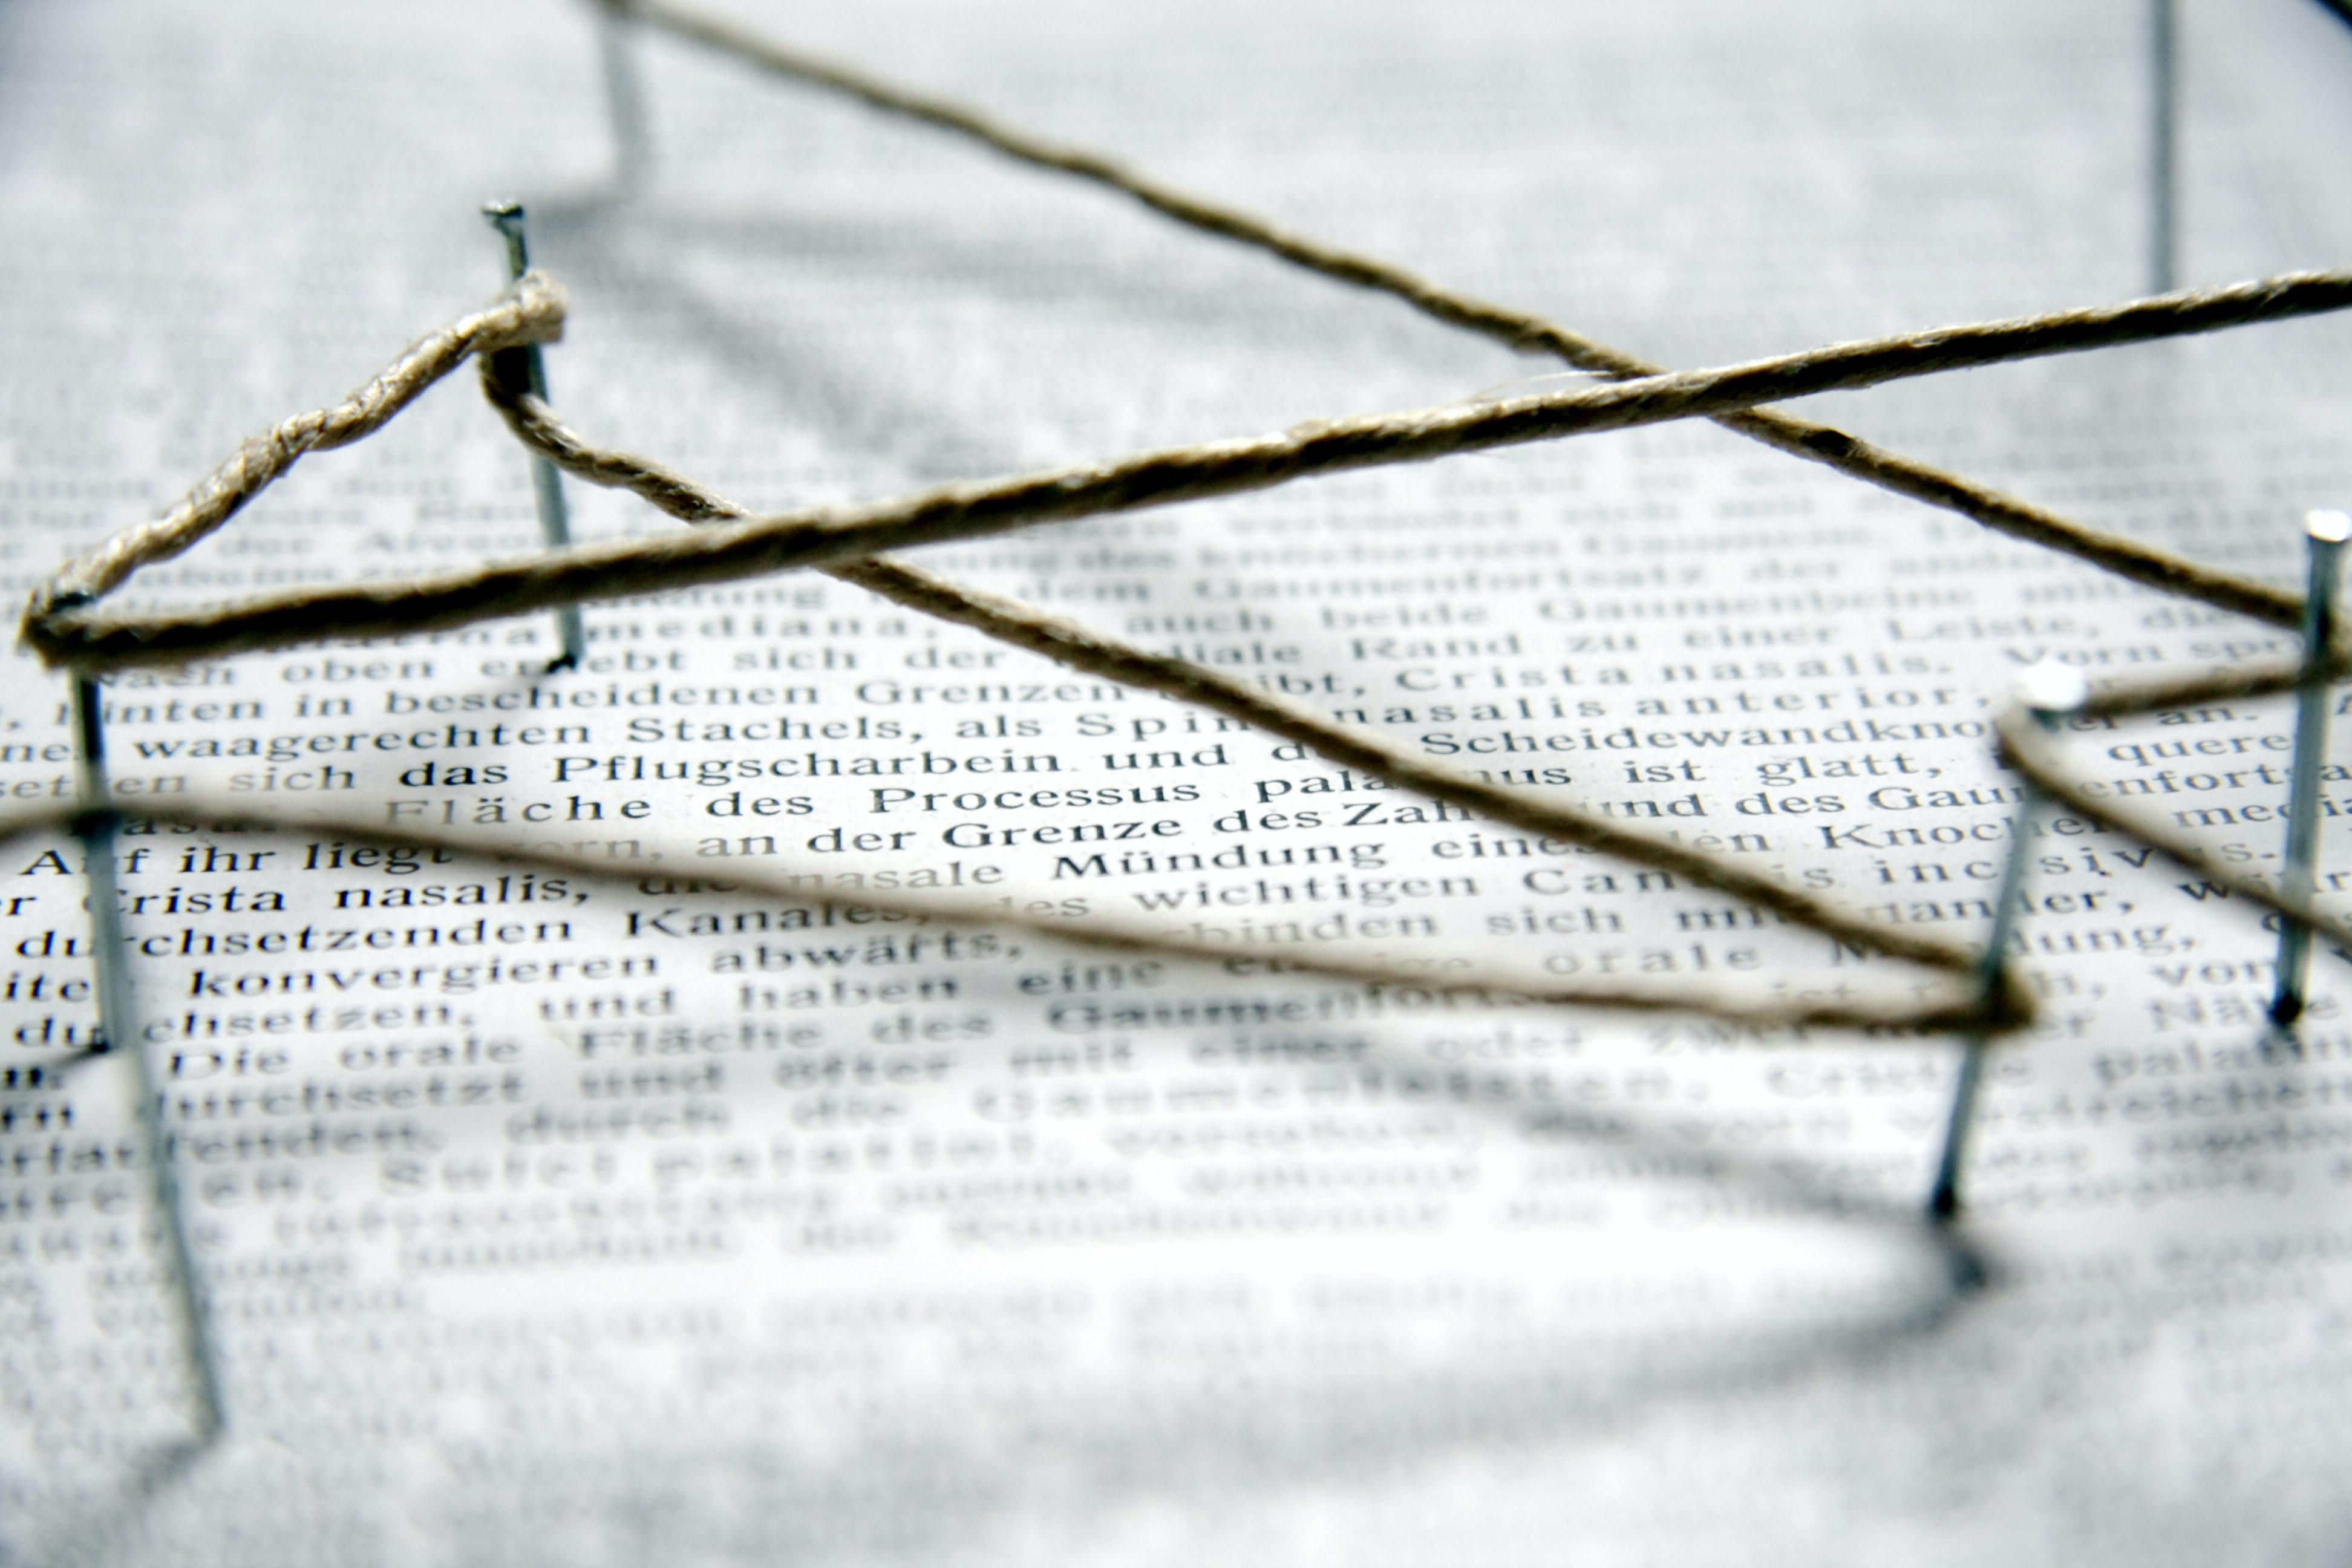 Nagelbild symbolbild wissenschaftliche netzwerke.15d659fa2d5ca28930499f5ed9c357025